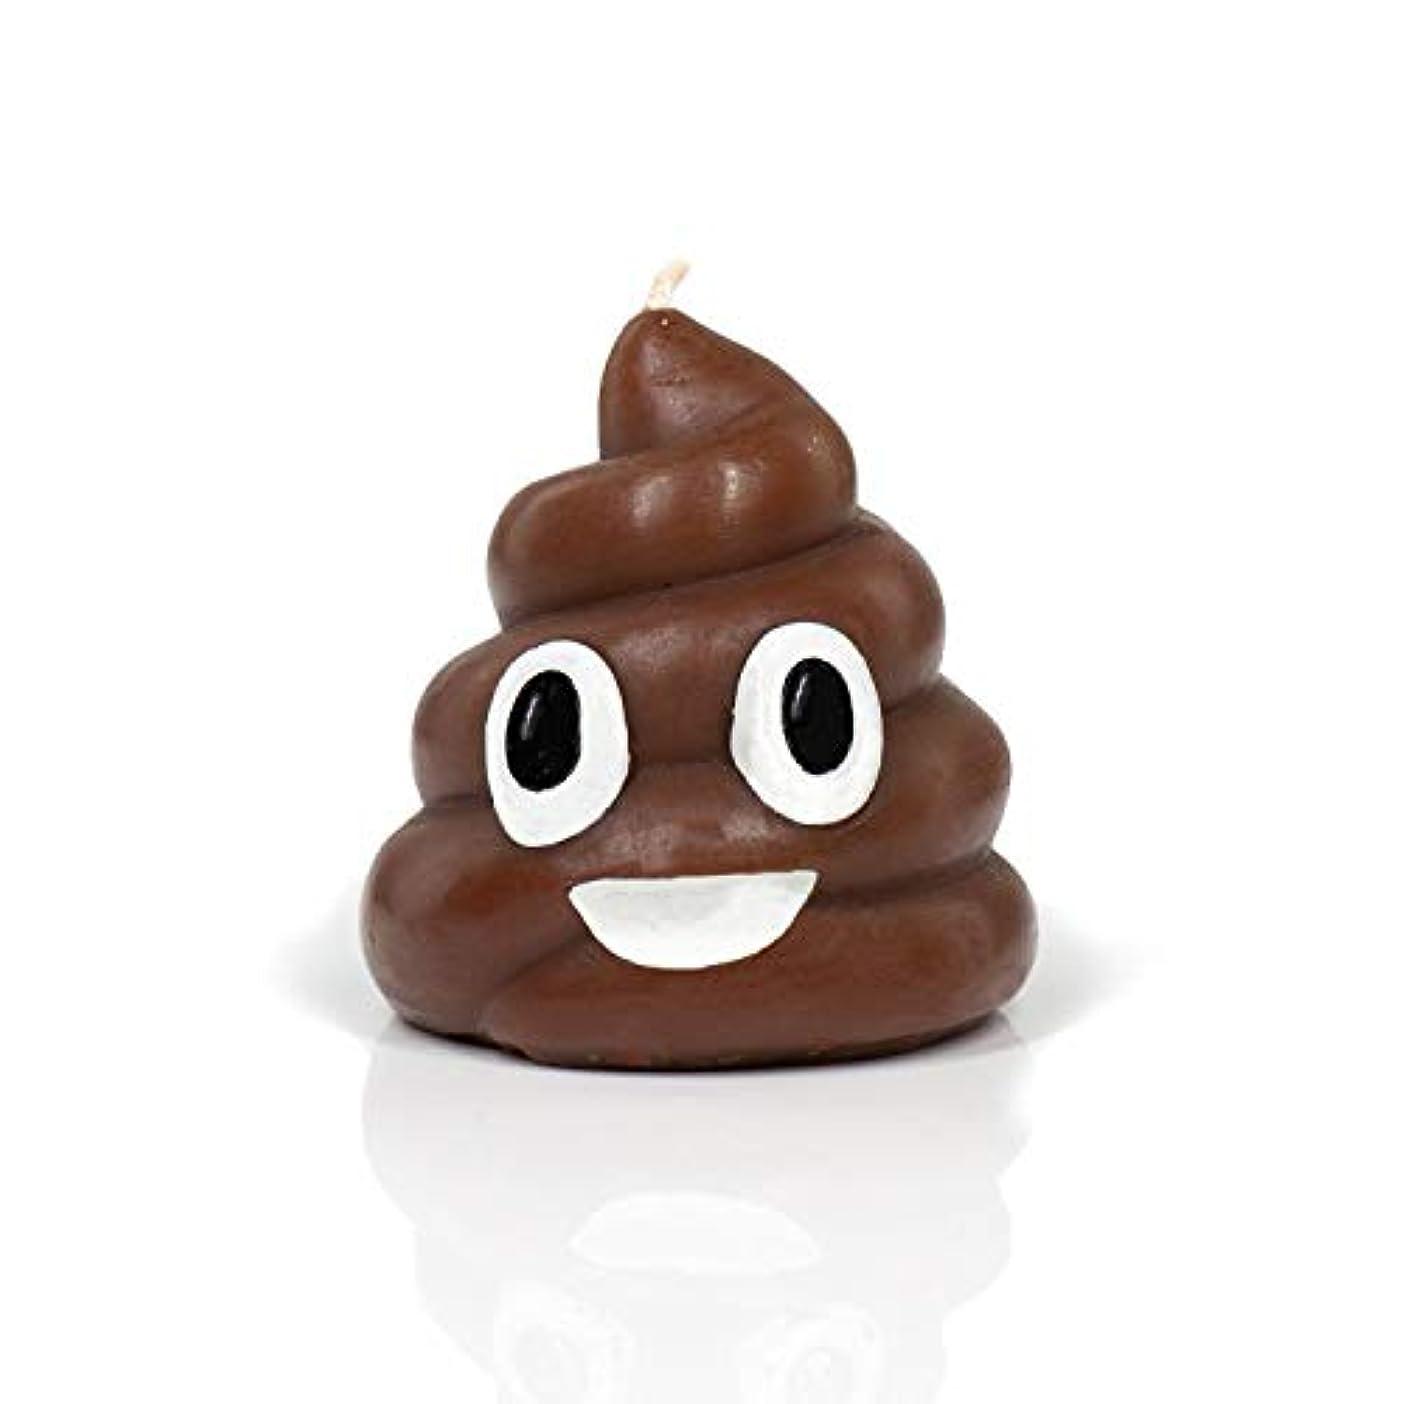 ベルベット慣らすメンタリティMy ShT Doesn't Stink Poop Emoji Candle, Rose Scented